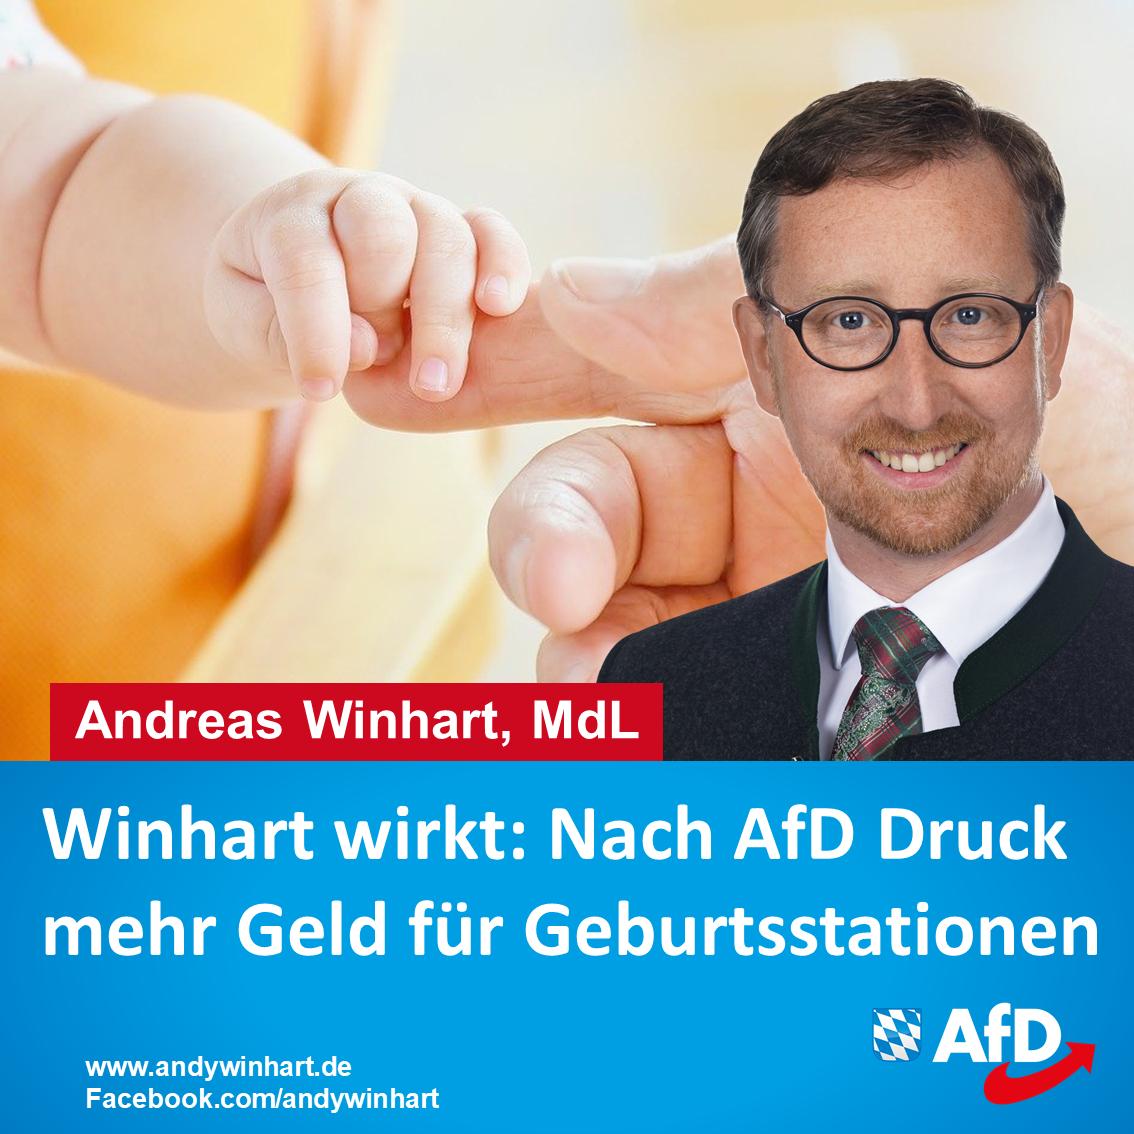 Andreas Winhart MdL begrüßt Förderung für Geburtshilfestationen